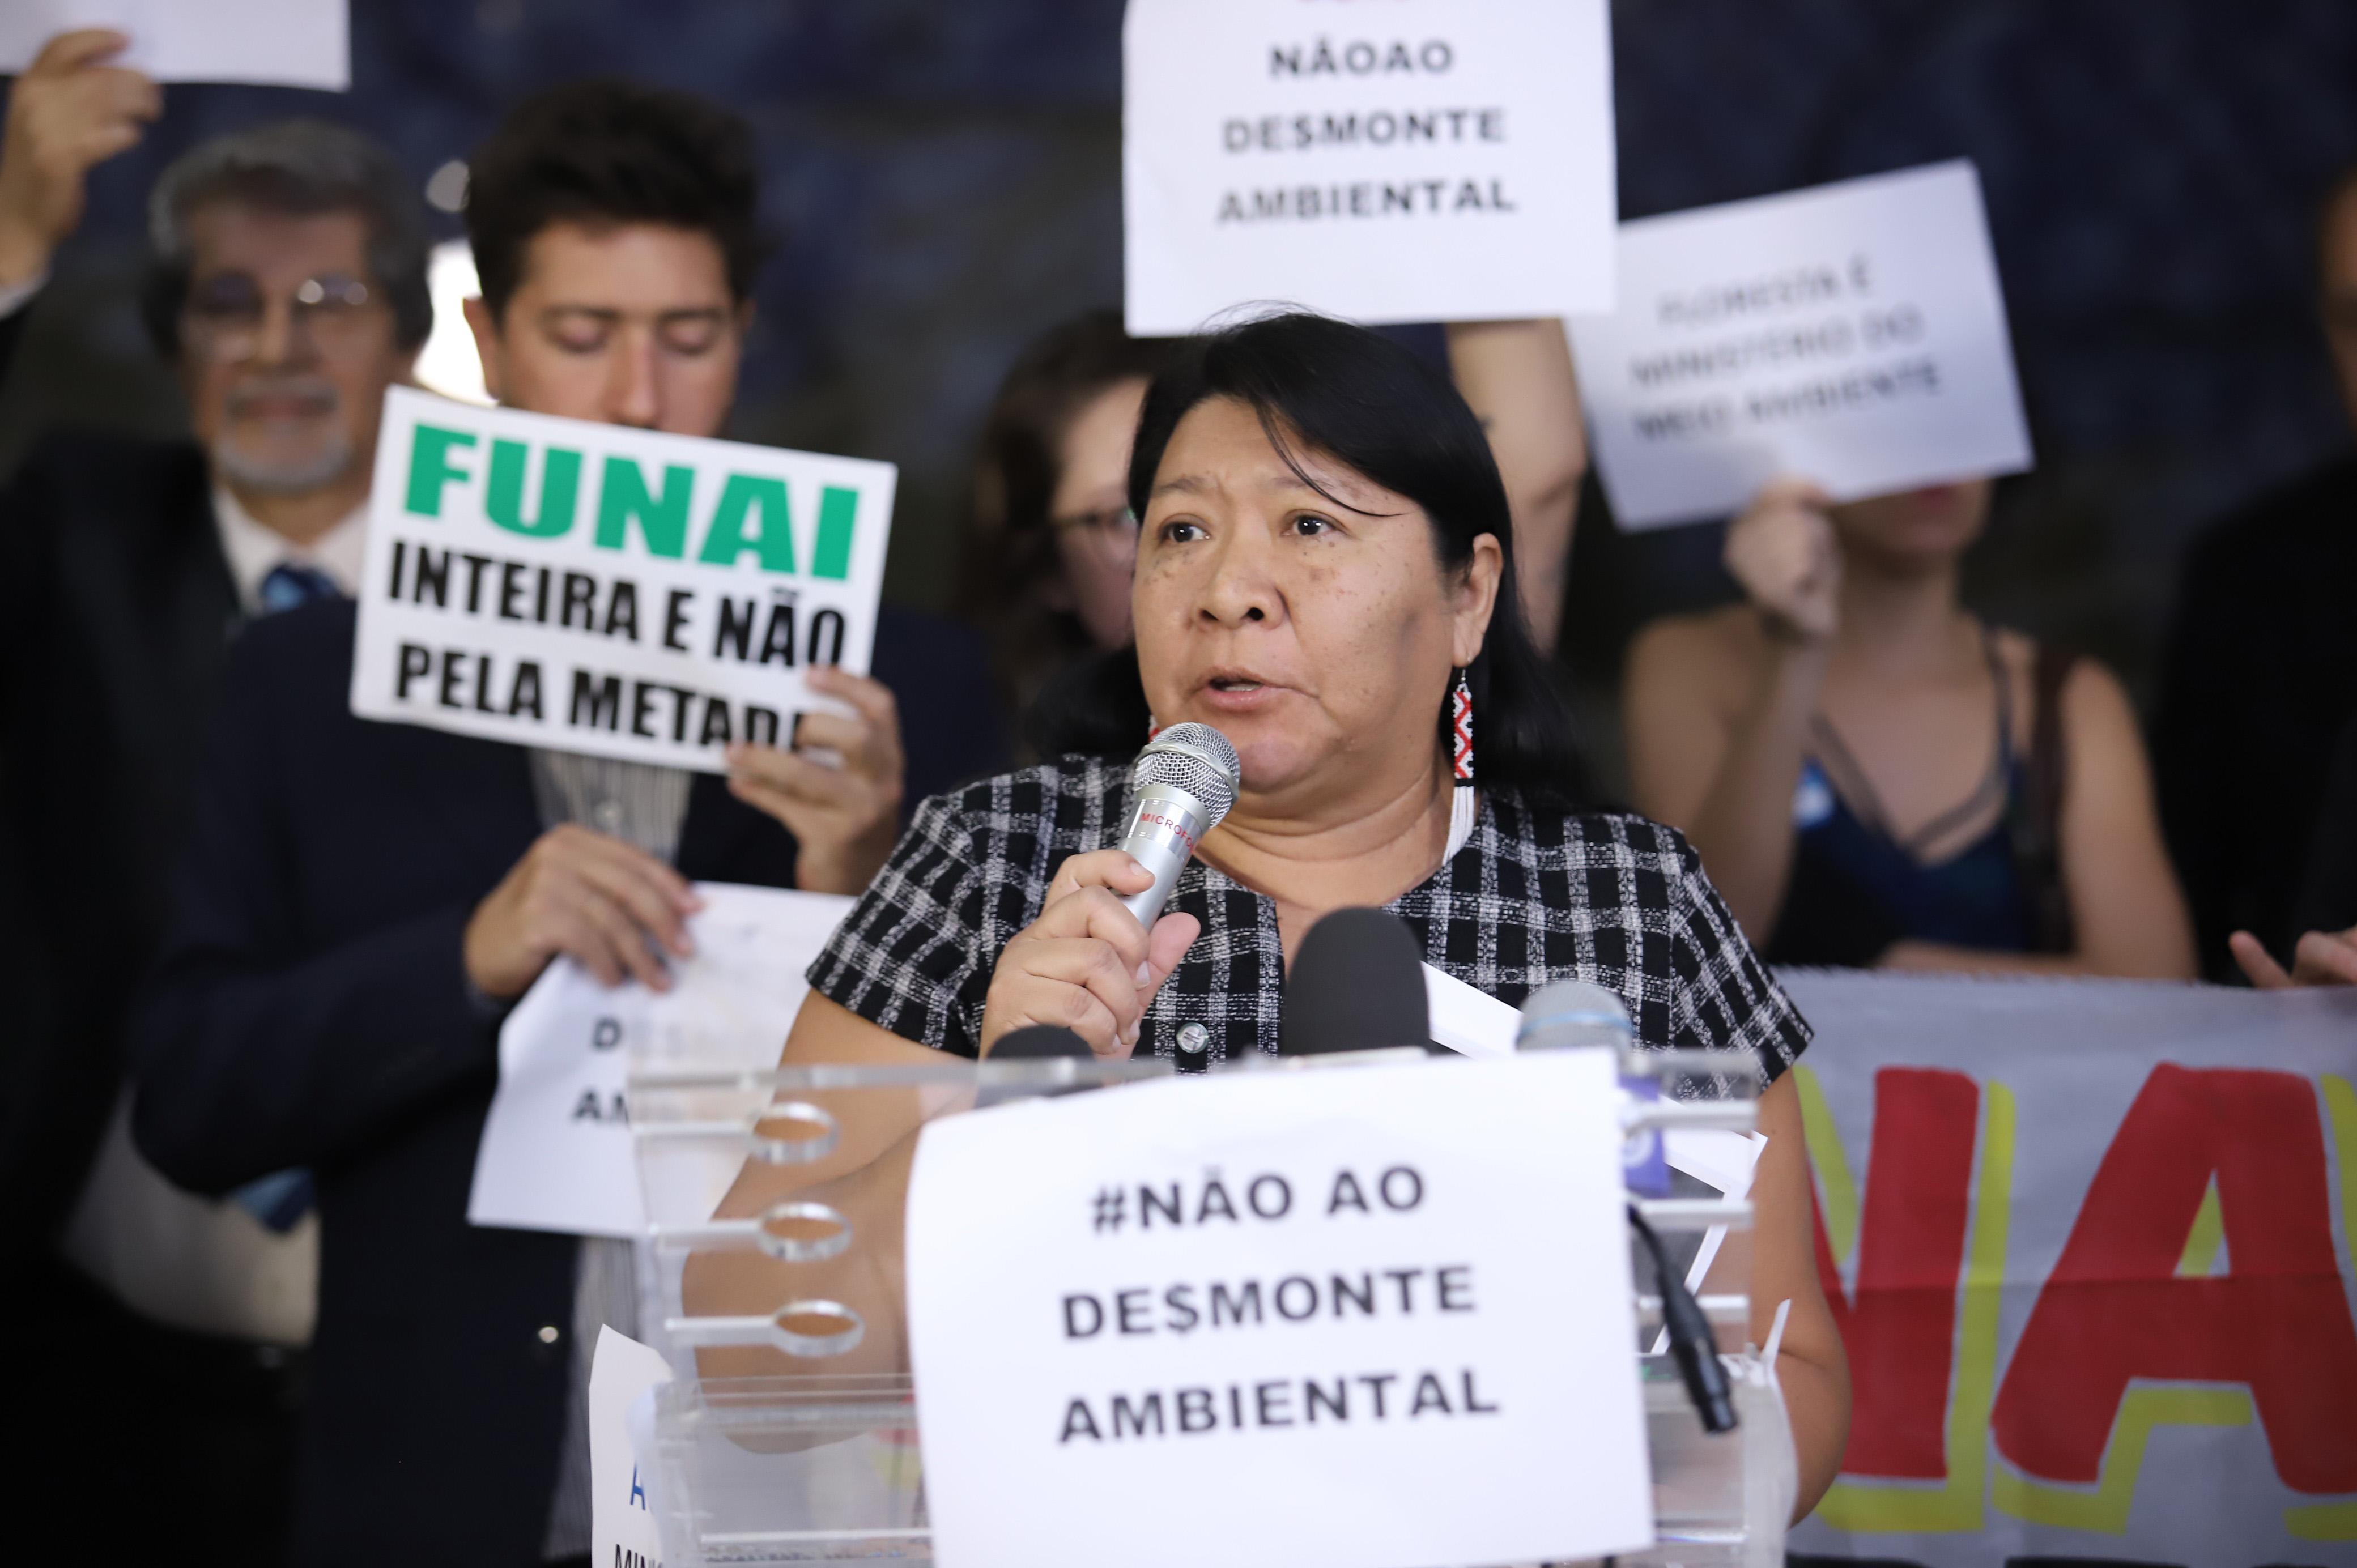 PSOL, Rede, PT, PSB, Frentes Ambientalista e dos Direitos dos Povos Indígenas e organizações da sociedade civil. Dep. Joenia Wapichana (REDE - RR)